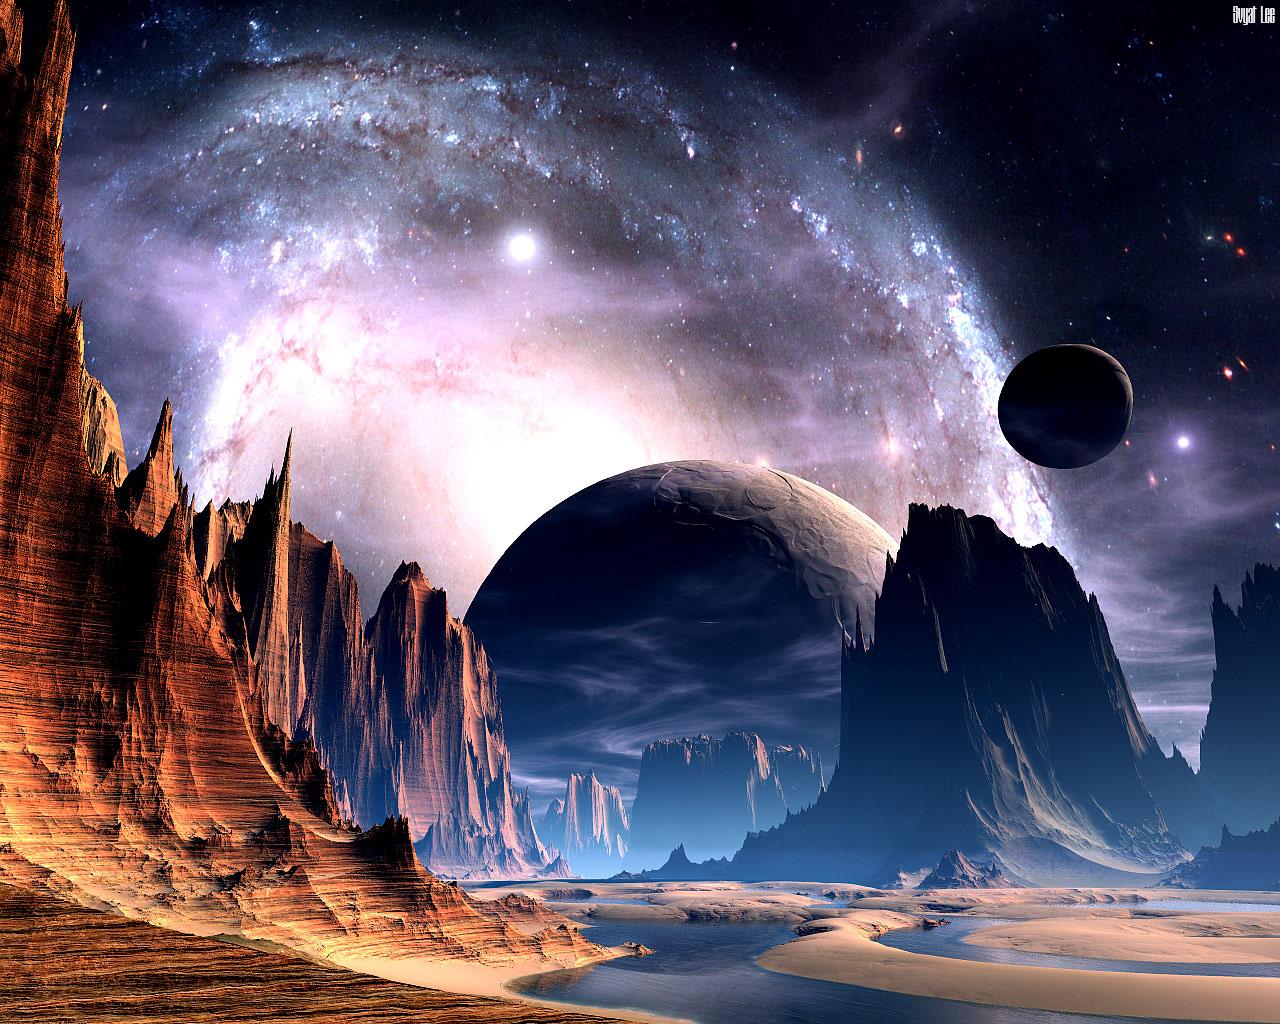 пейзажи космические картинки